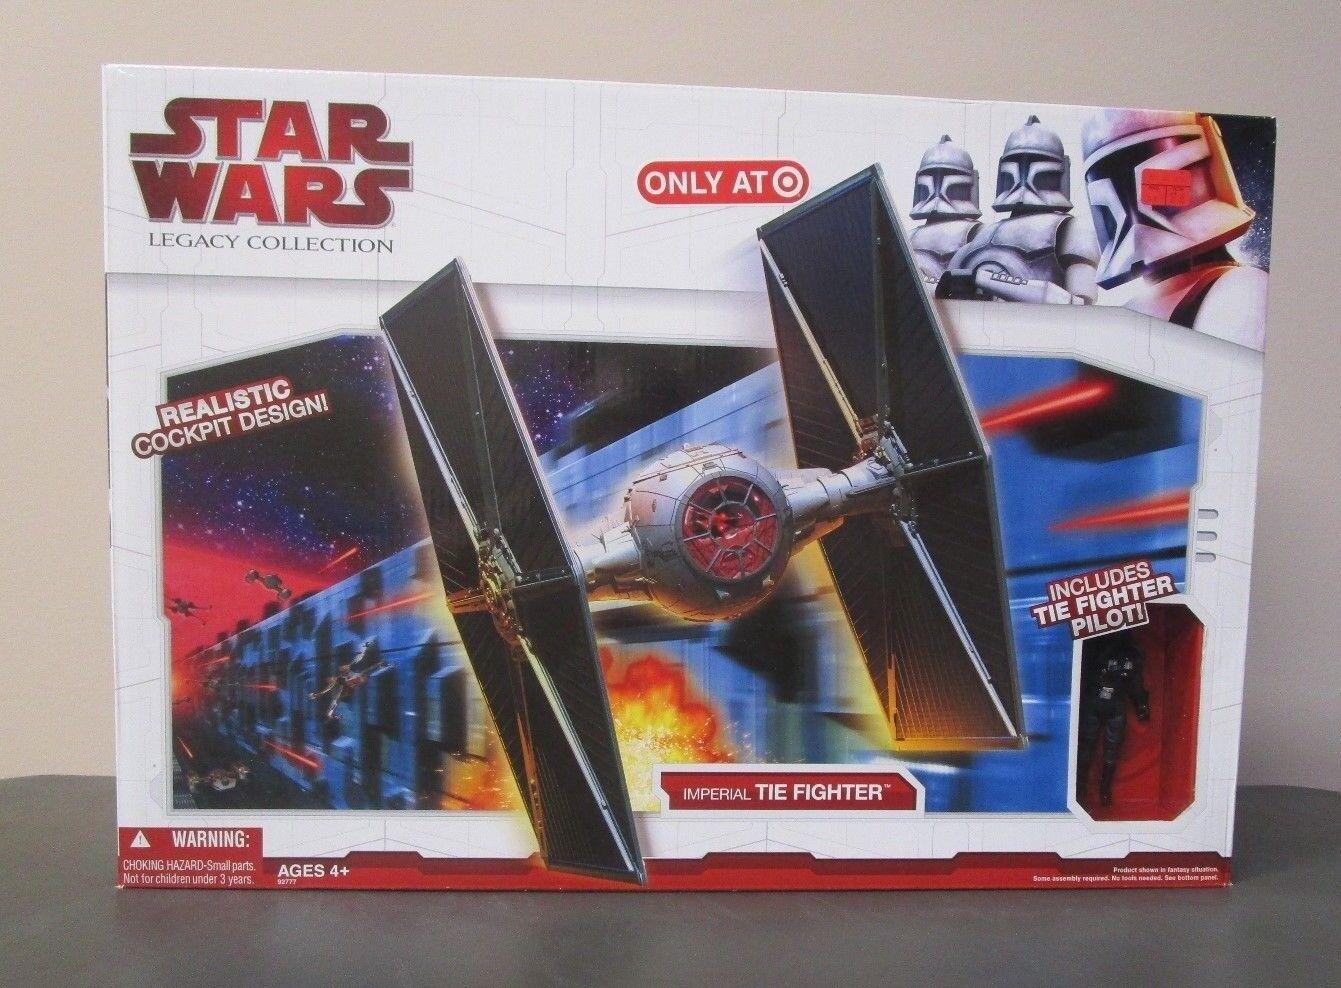 Imperial Tie Fighter 2009 Estrella Wars Legado Colección TARGET EXCLUSIVE MIB